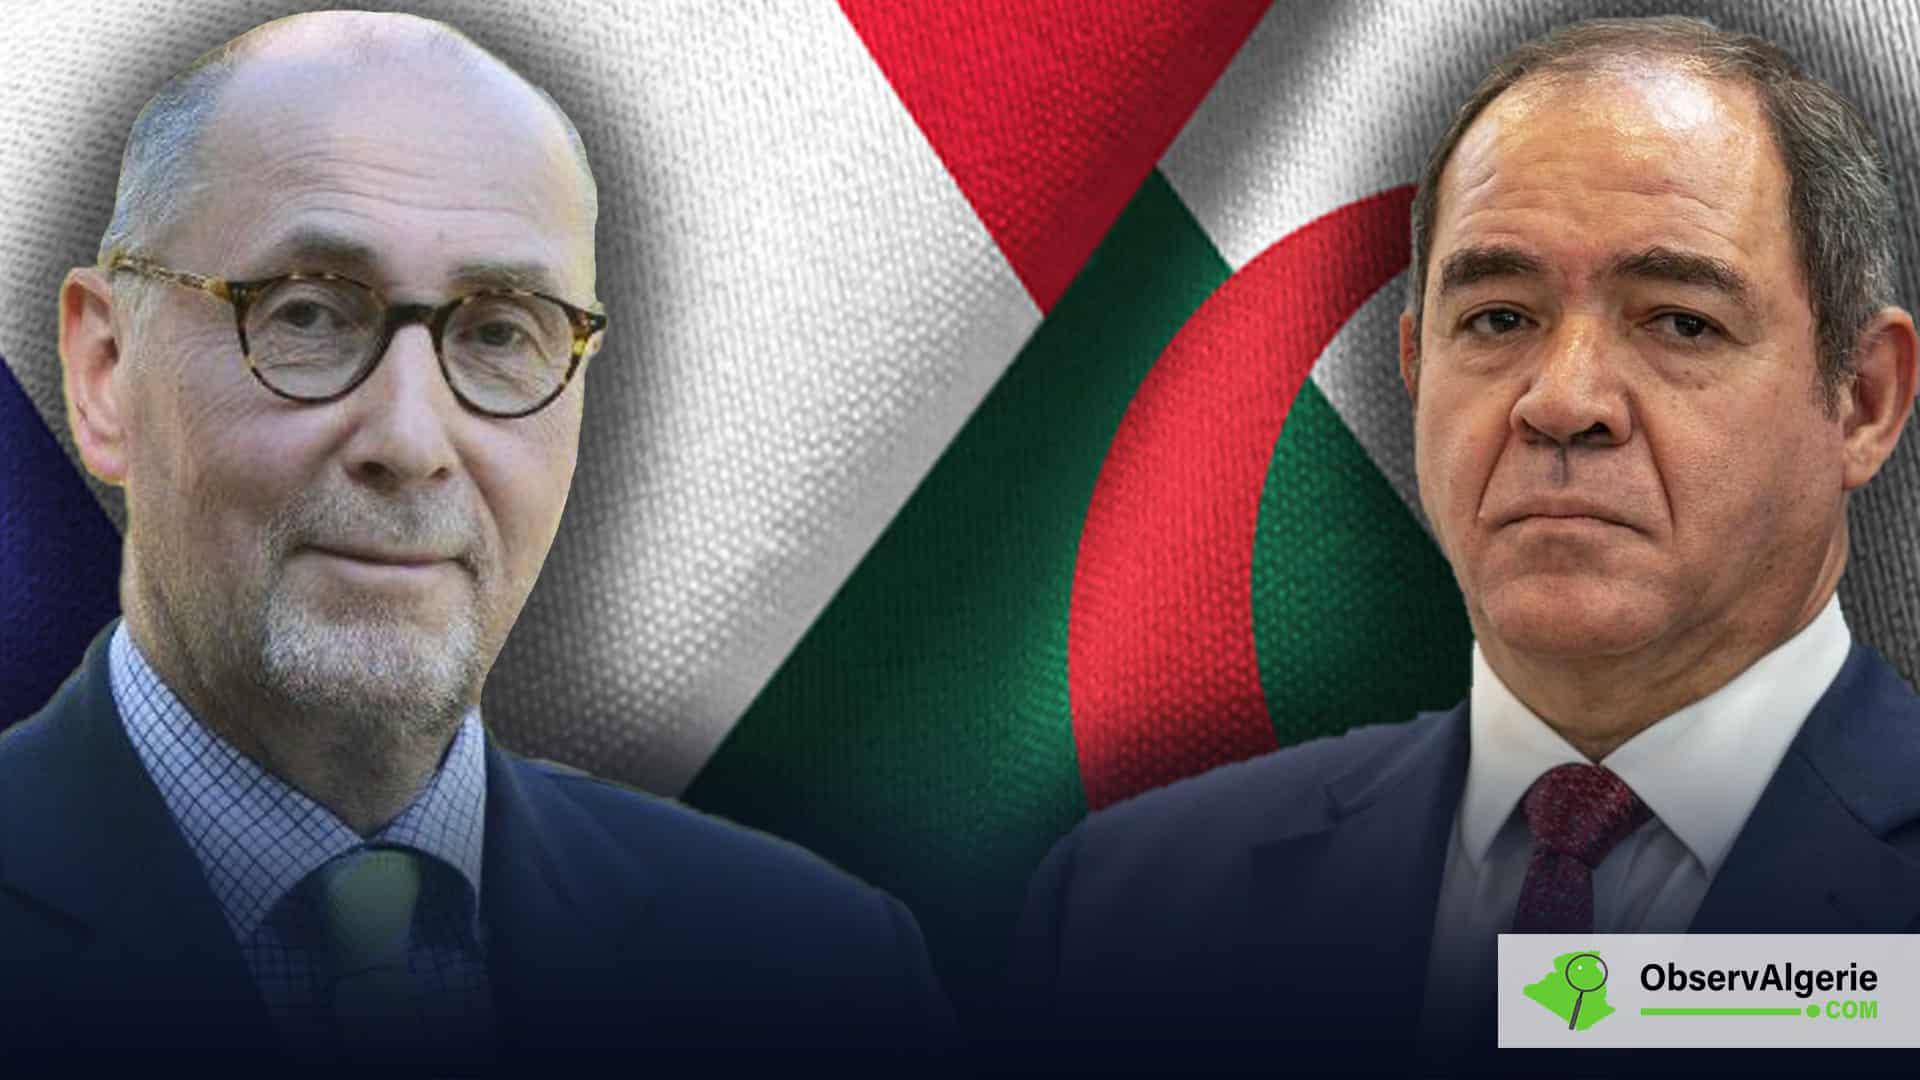 « Propos haineux et diffamatoires » : L'ambassadeur de France en Algérie convoqué